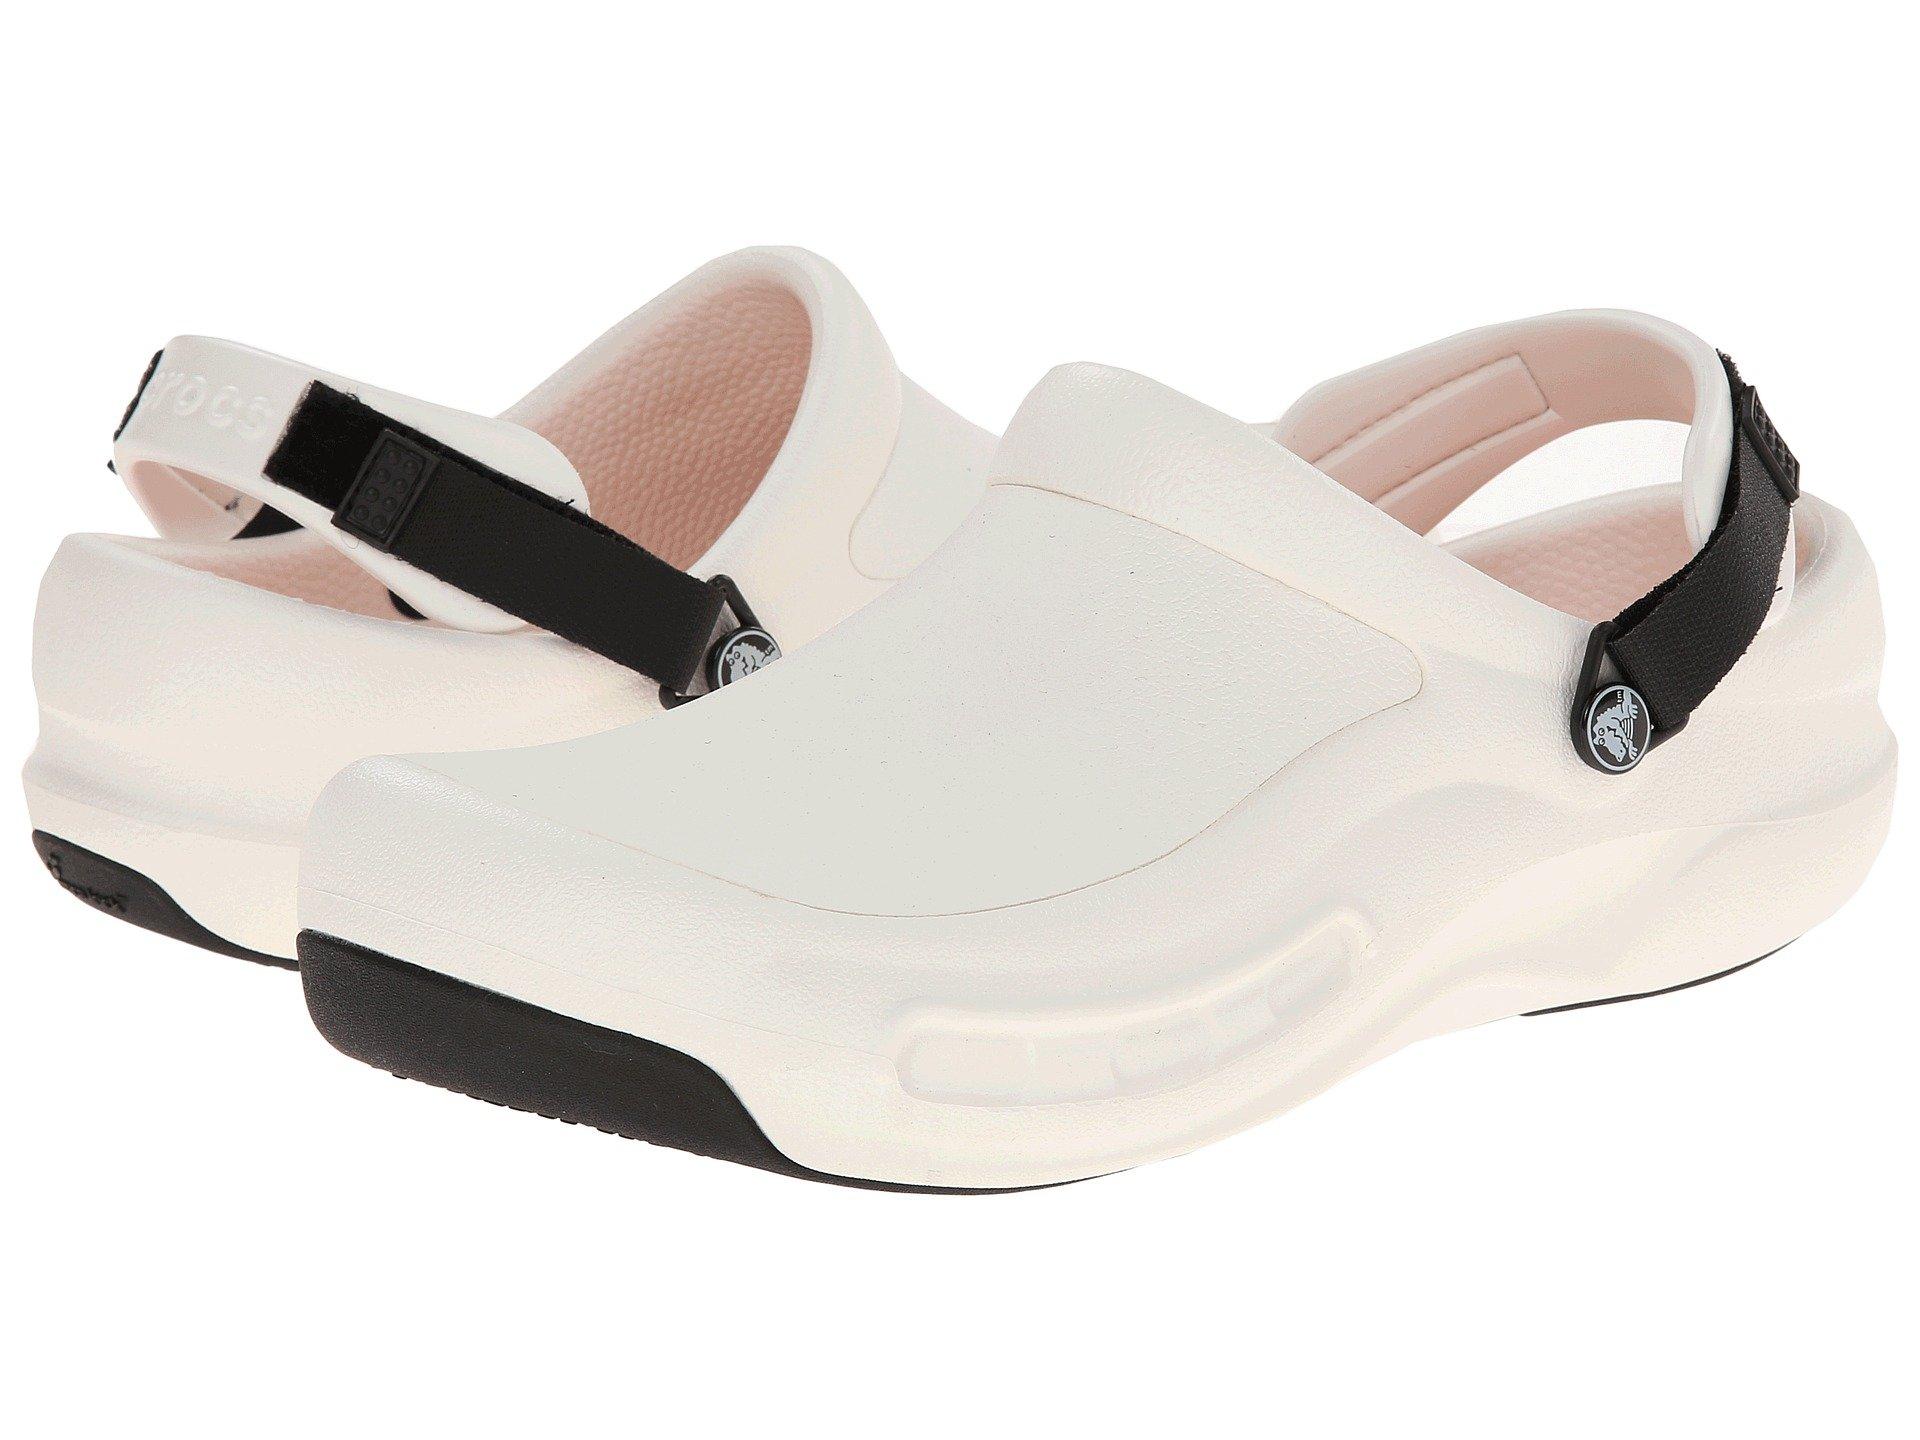 Calzado Sin Talon para Hombre Crocs Bistro Pro  + Crocs en VeoyCompro.net